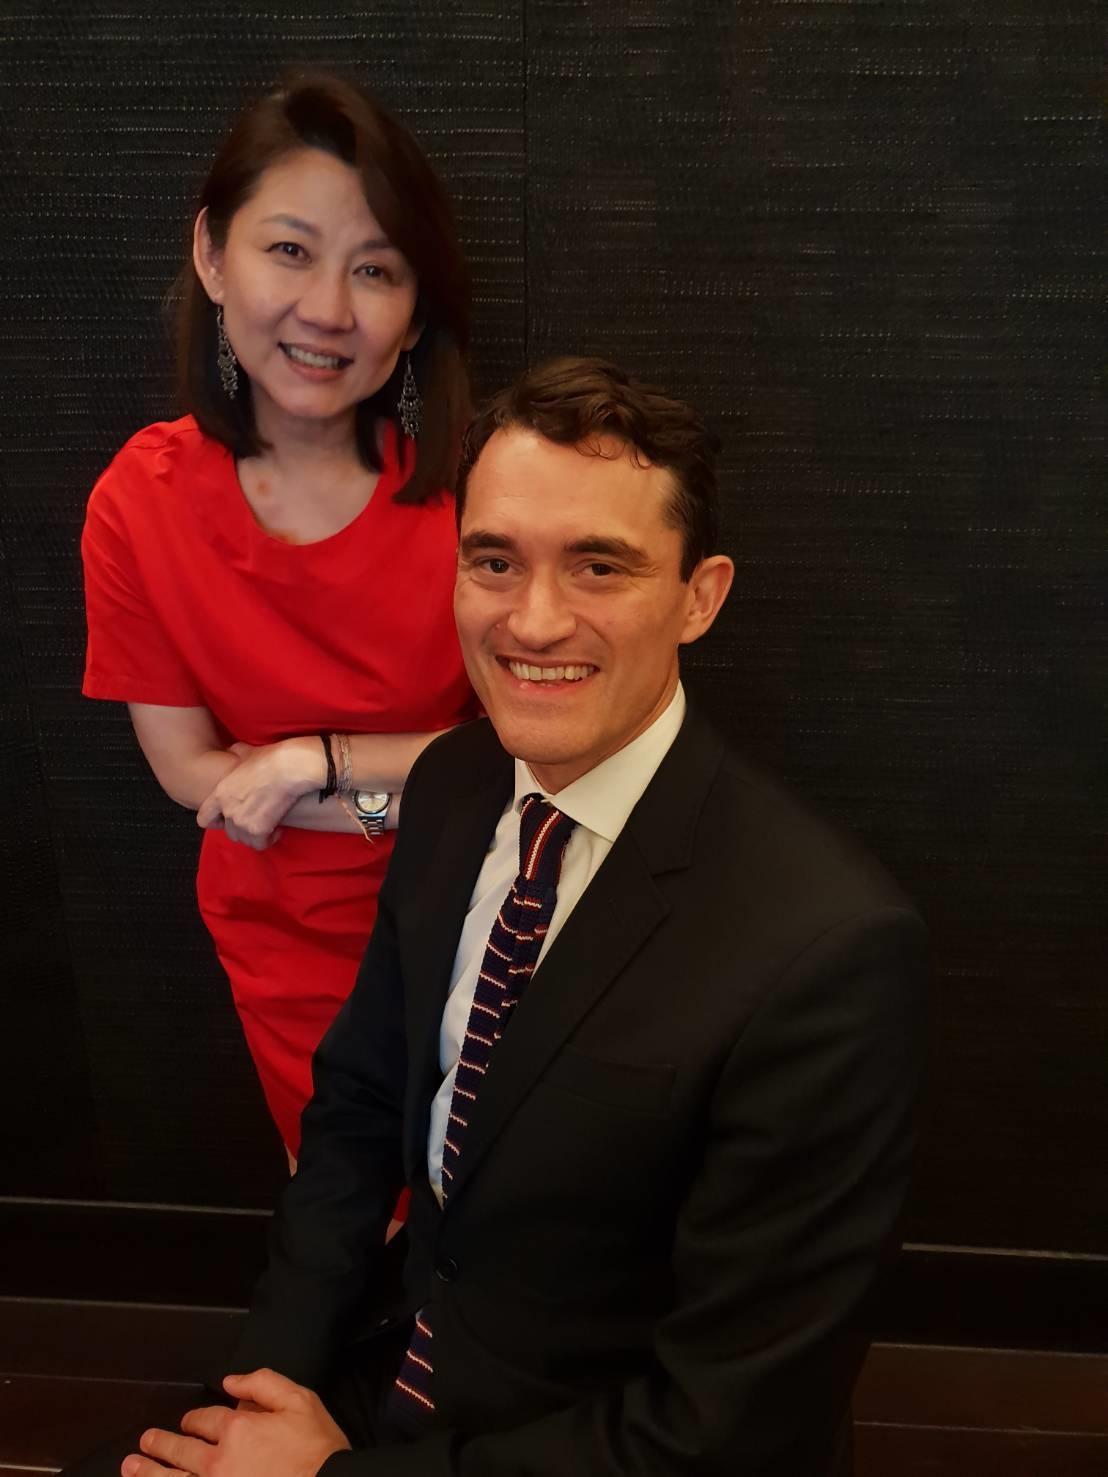 佳士得亞太區總裁龐智鋒(右)與佳士得亞太區副主席翁曉惠。圖/記者陳宛茜/攝影